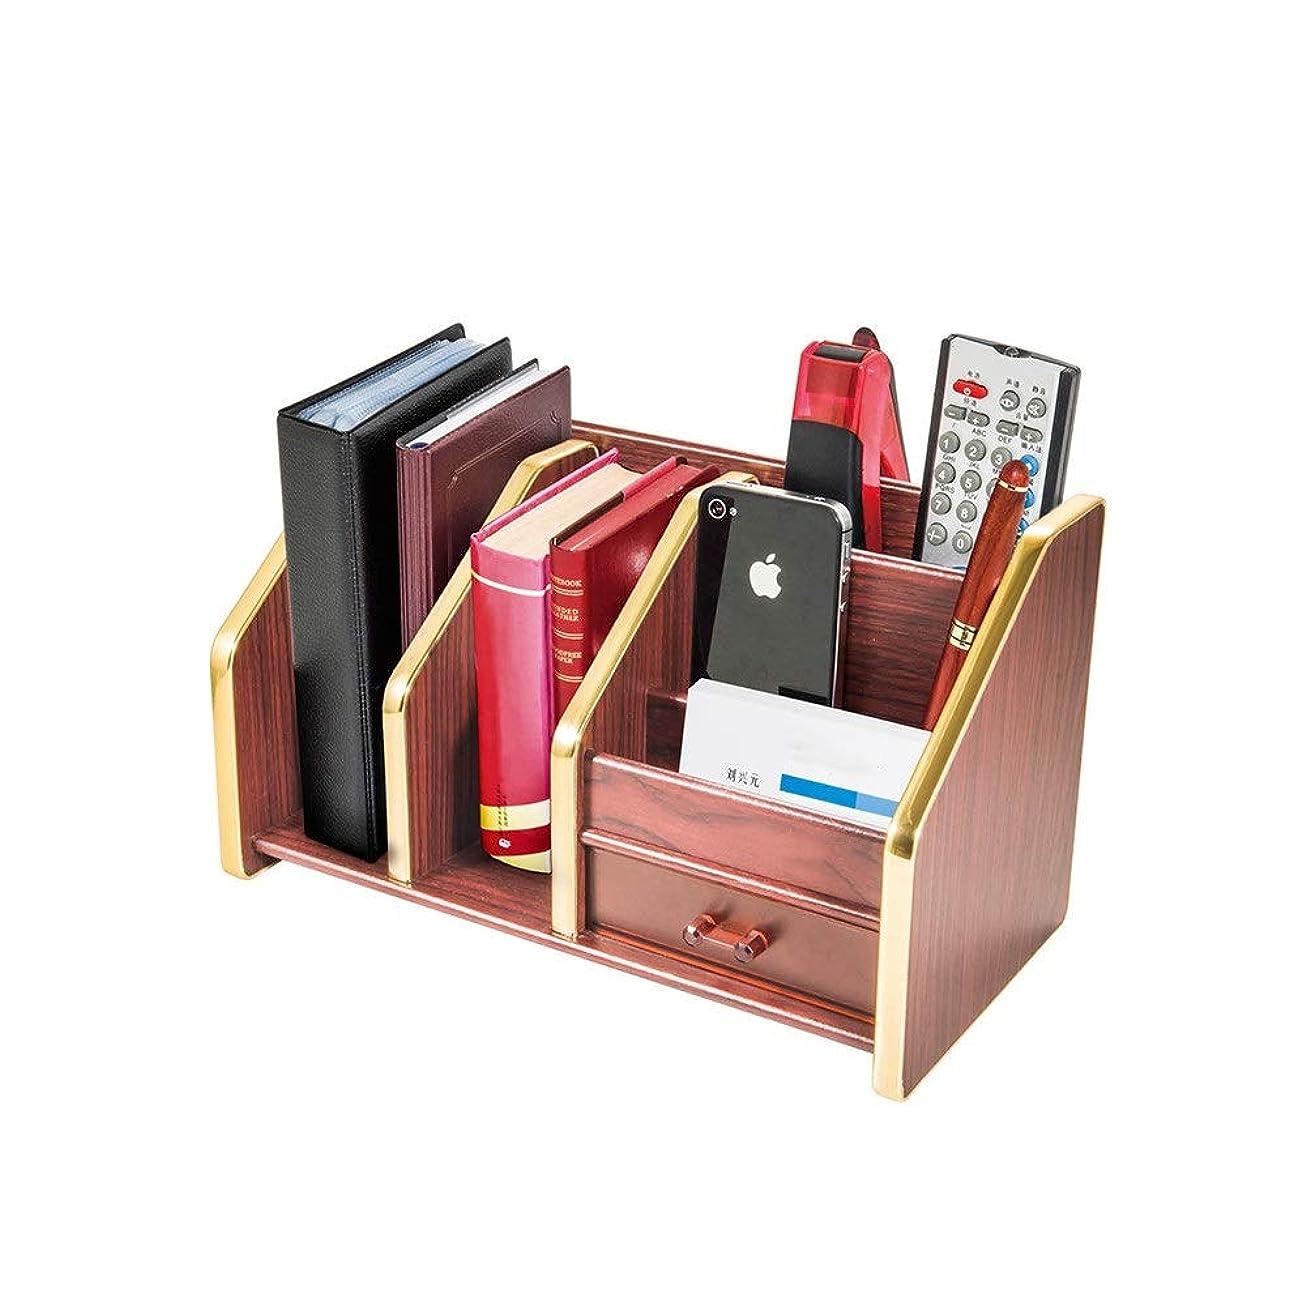 残り適応的地下書類トレー クリエイティブ引き出しDesktopは、ストレージボックス、マルチファンクションOfficeファイルホルダードキュメントデスクTidyのオーガナイザーストレージを整理する木製ラック マガジンホルダ (Color : Photo color, Size : 283x146x161mm)